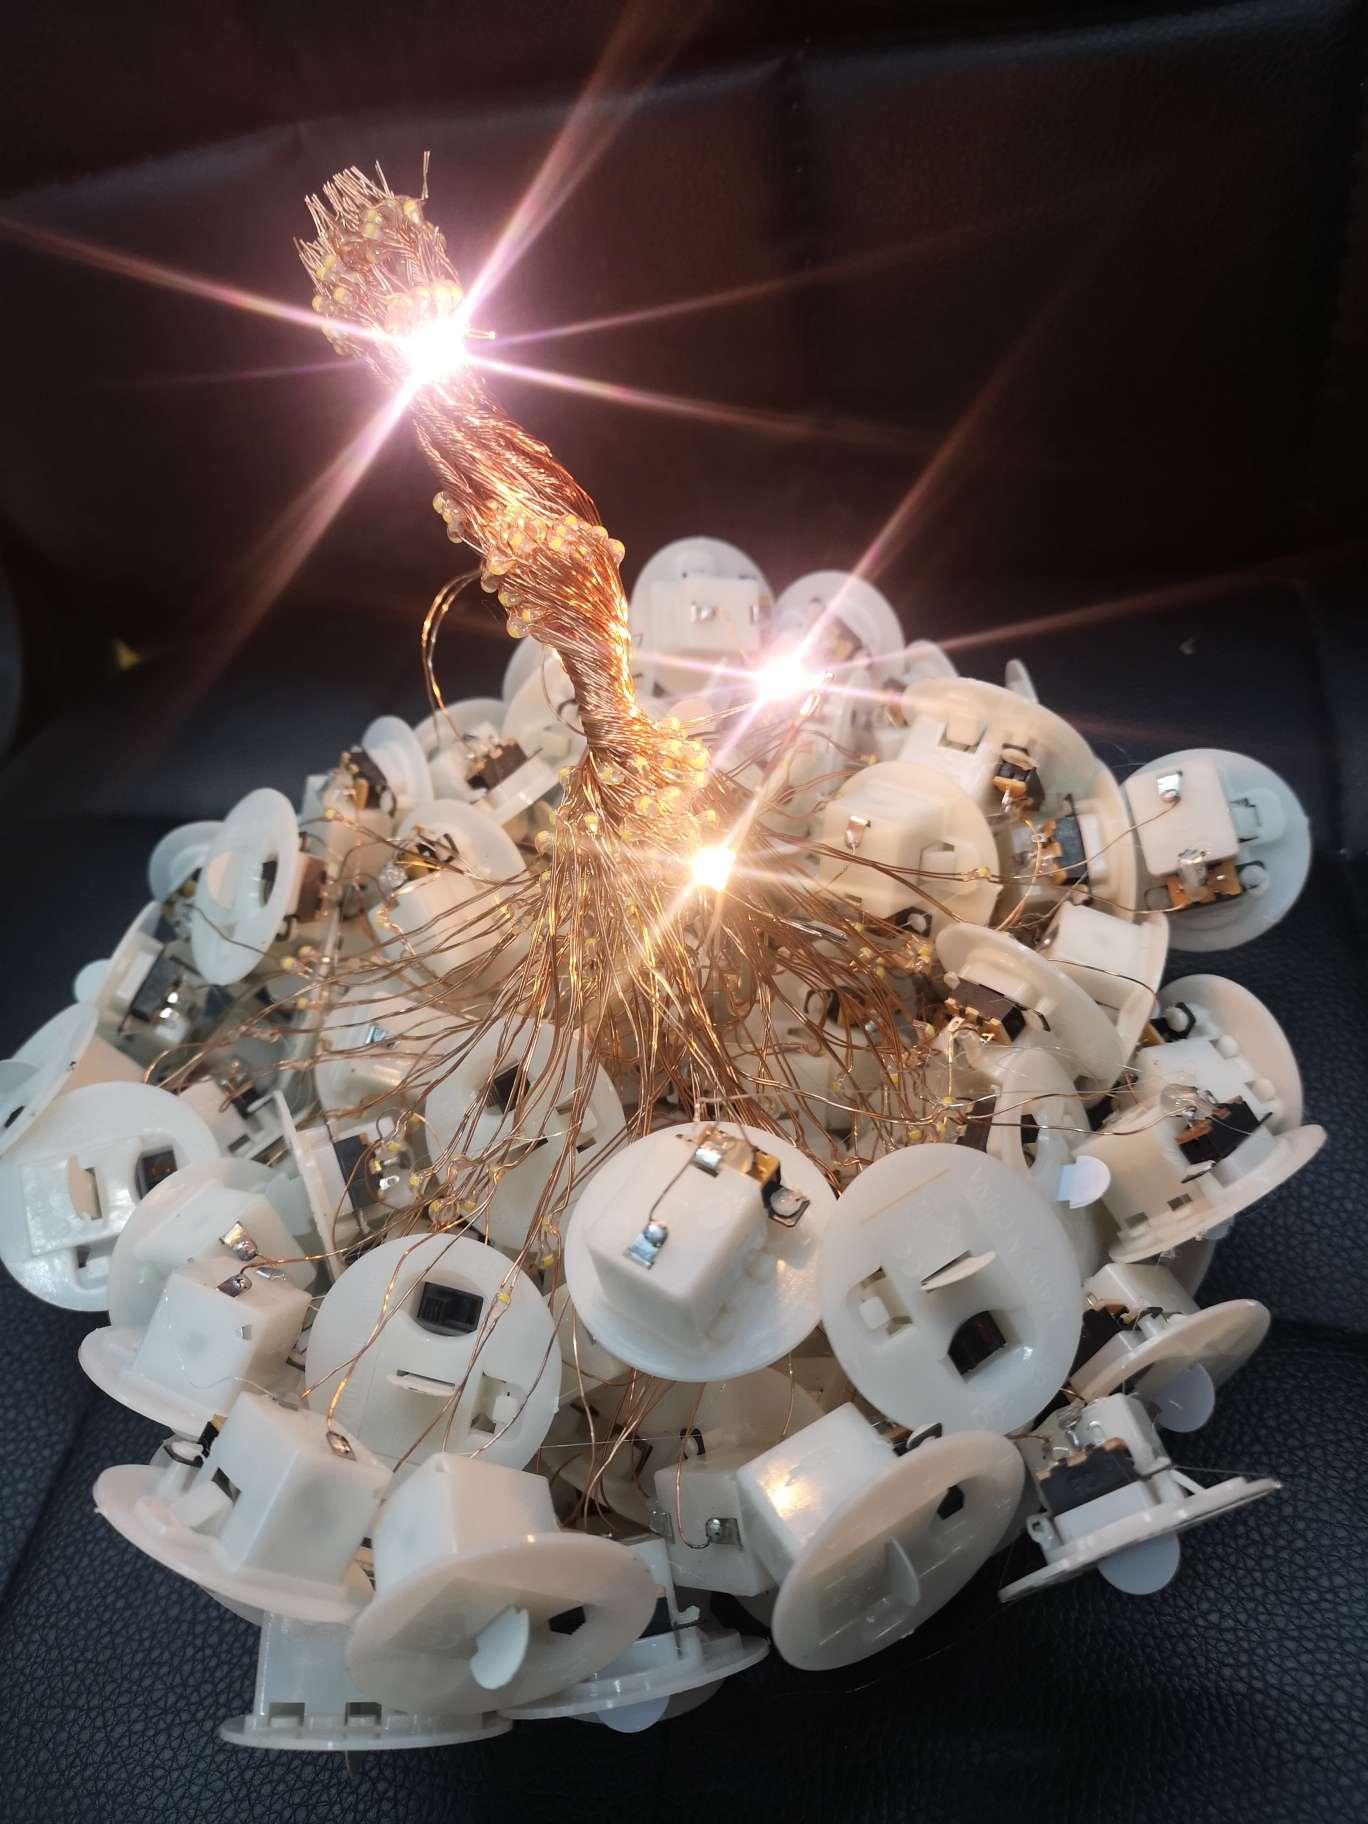 发光电子底座工艺品发光电子底座,玩具发光配件